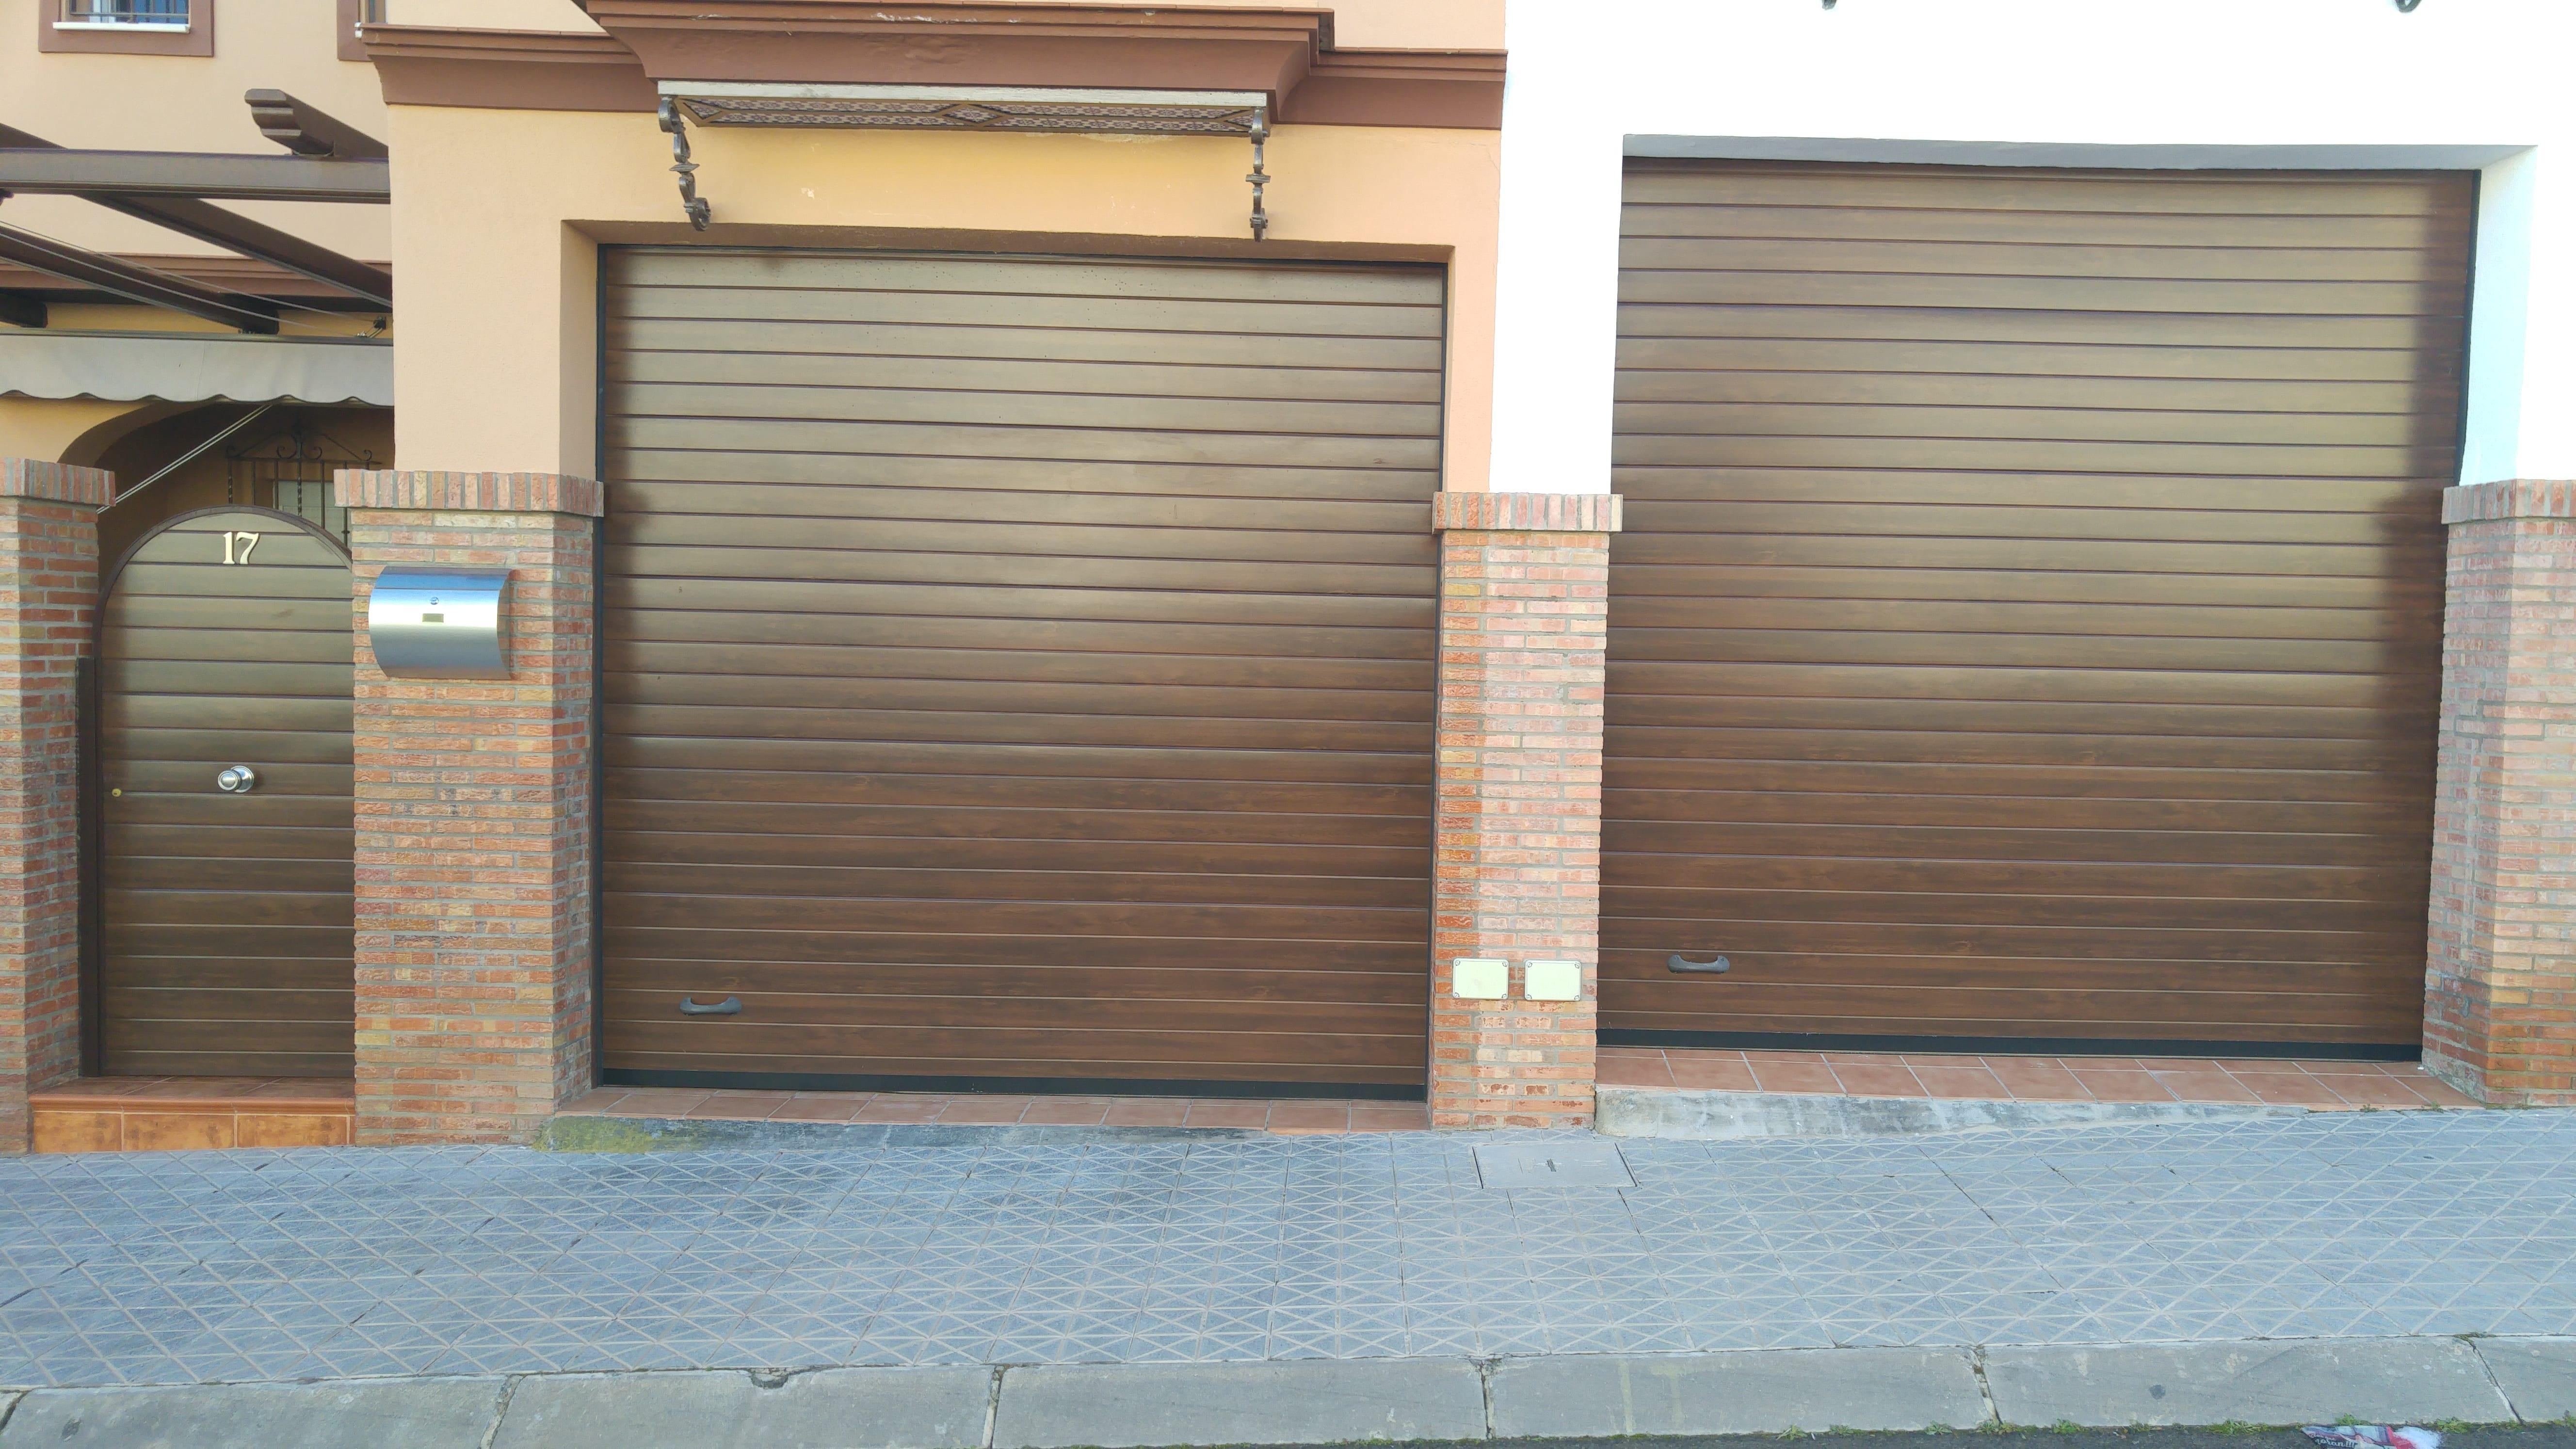 Puertas de garaje comunitario puertas autom ticas mena - Puerta de garaje automatica ...